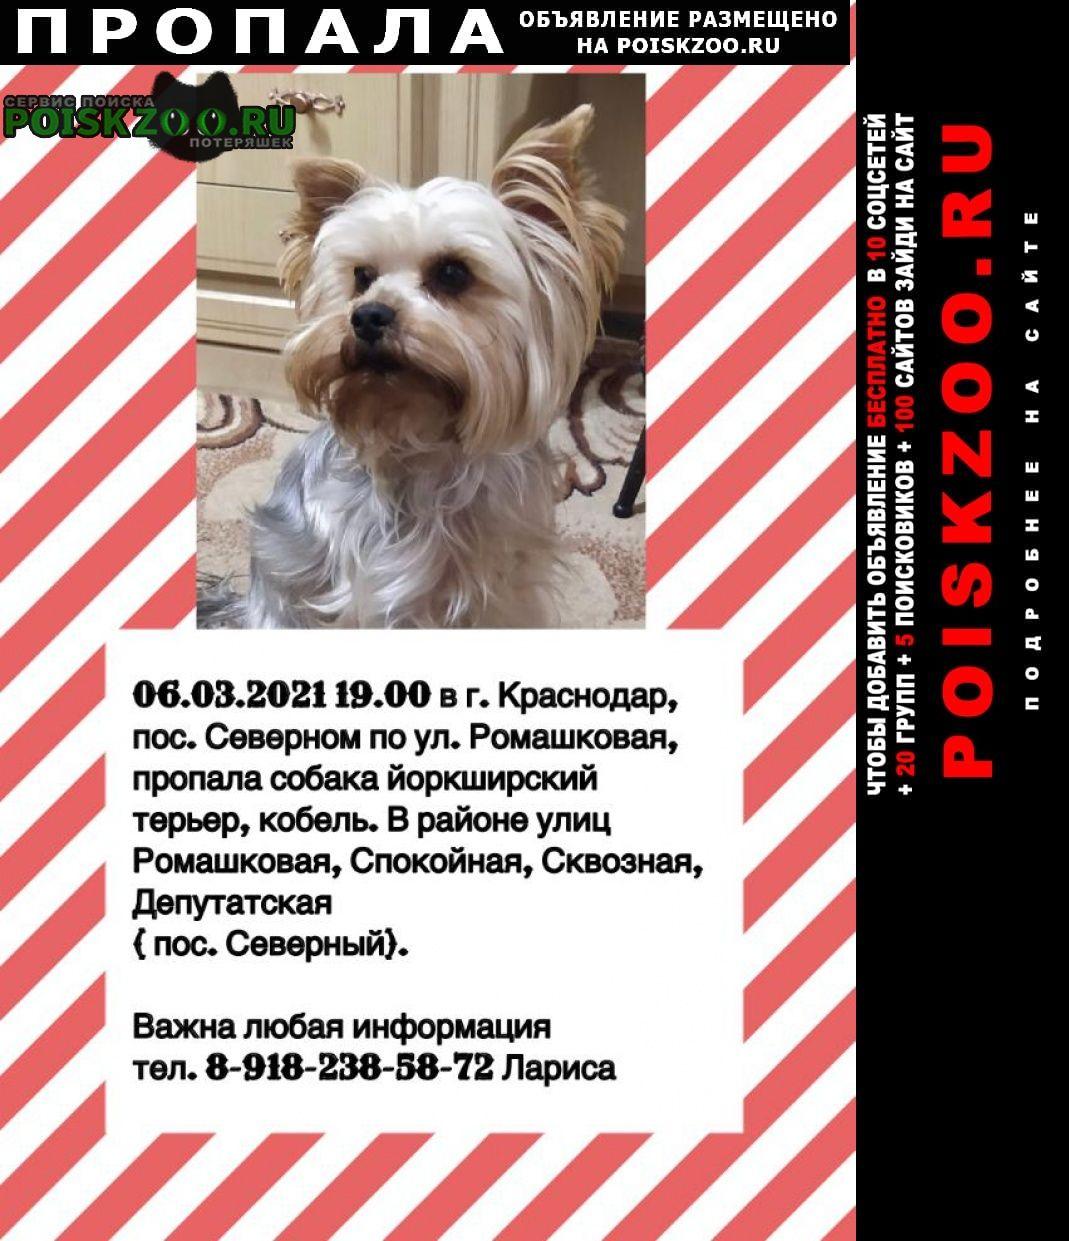 Пропала собака кобель йоркширский терьер, кабель. Краснодар